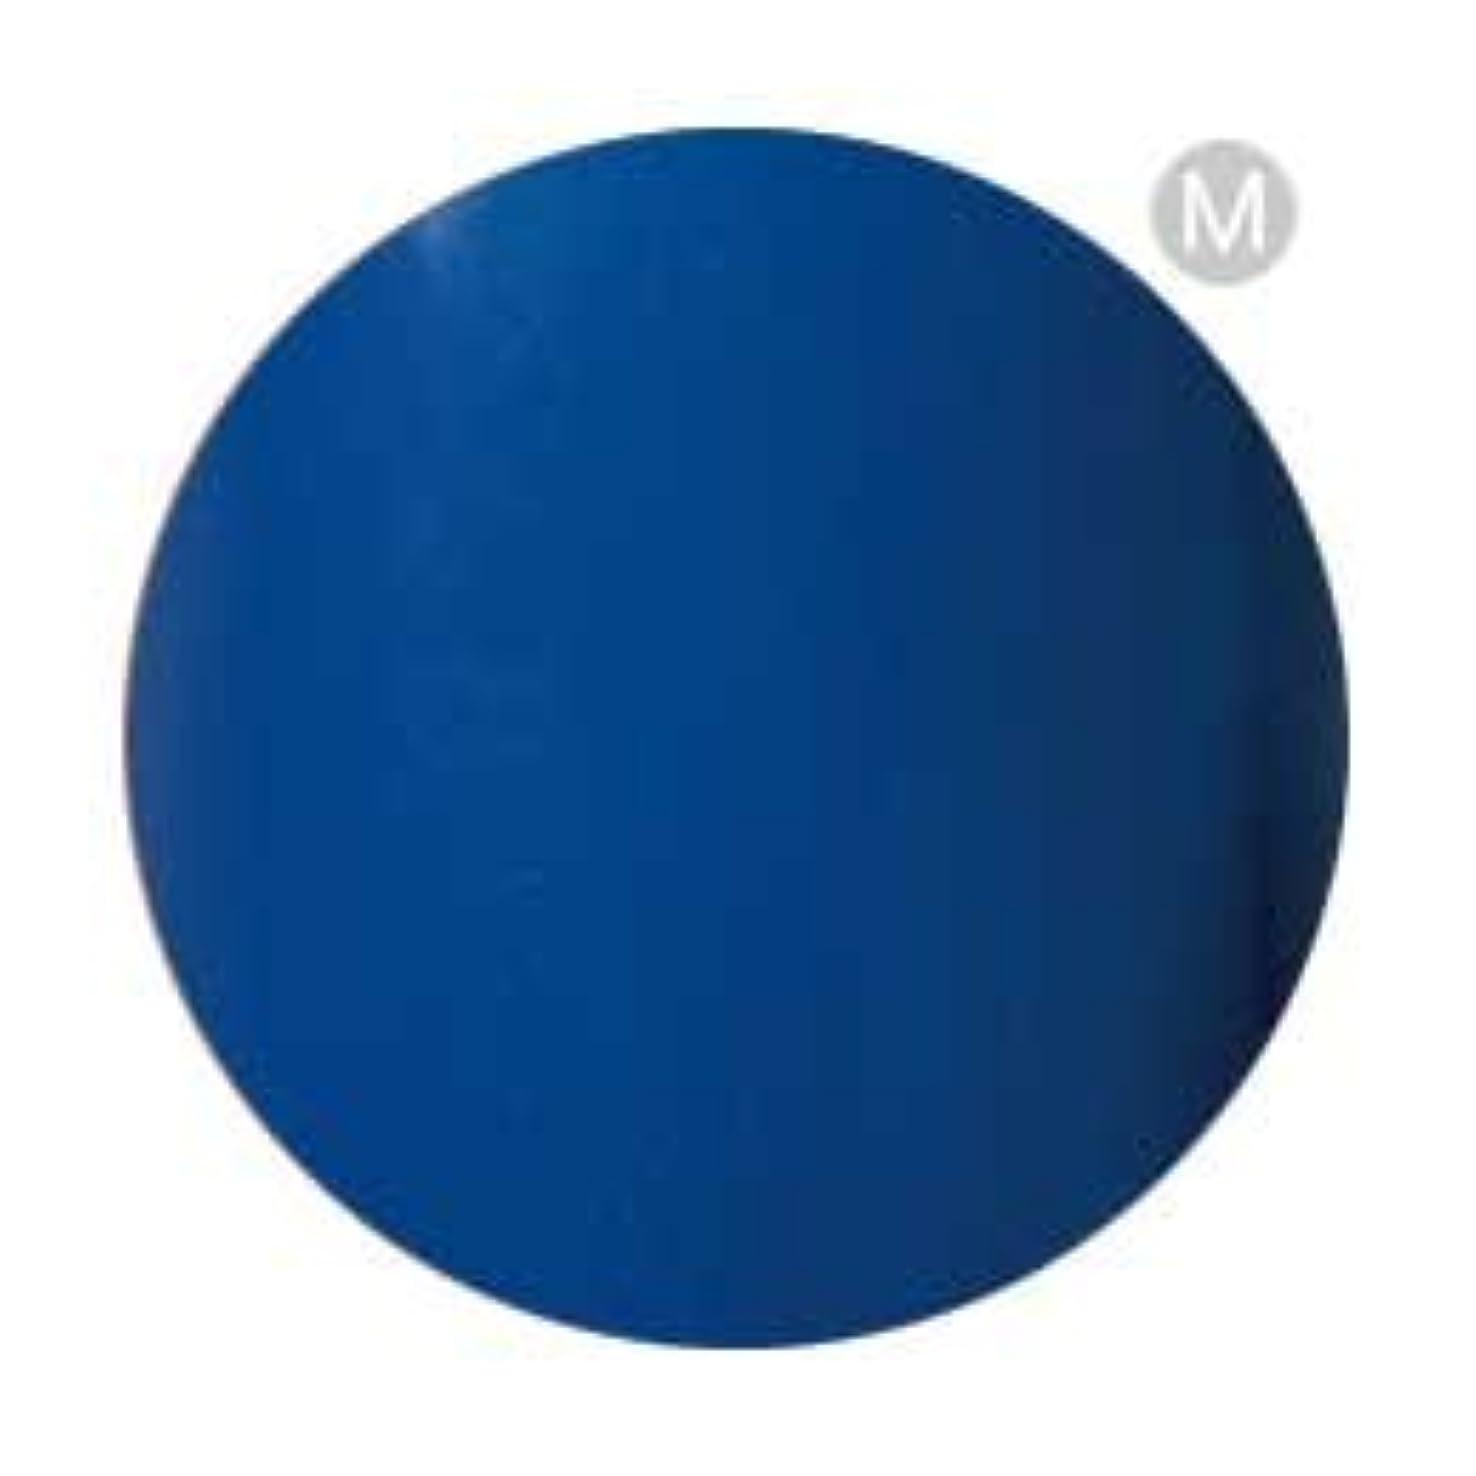 まぶしさ写真のカスタムPalms Graceful カラージェル 3g 004 ブルー